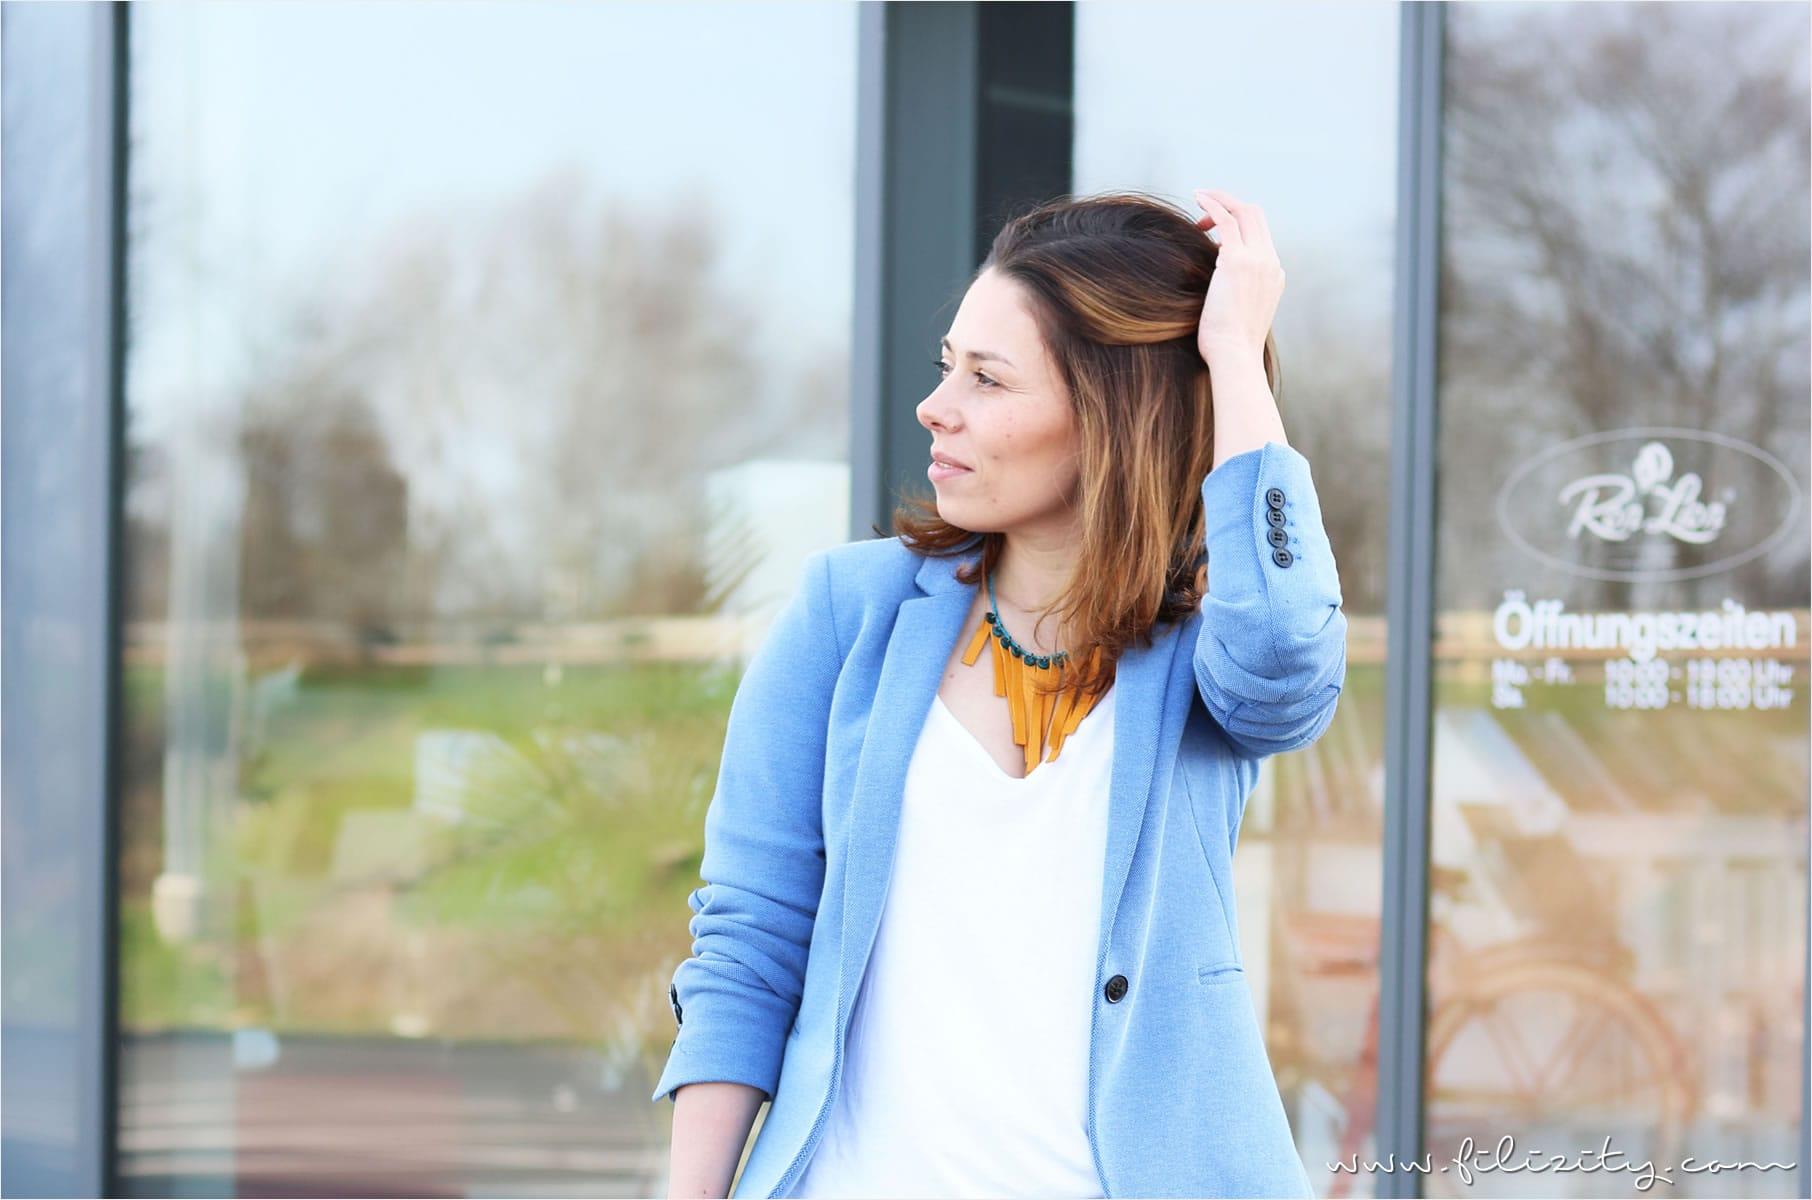 Marlenehosen kombinieren – So stylt ihr den Klassiker modern